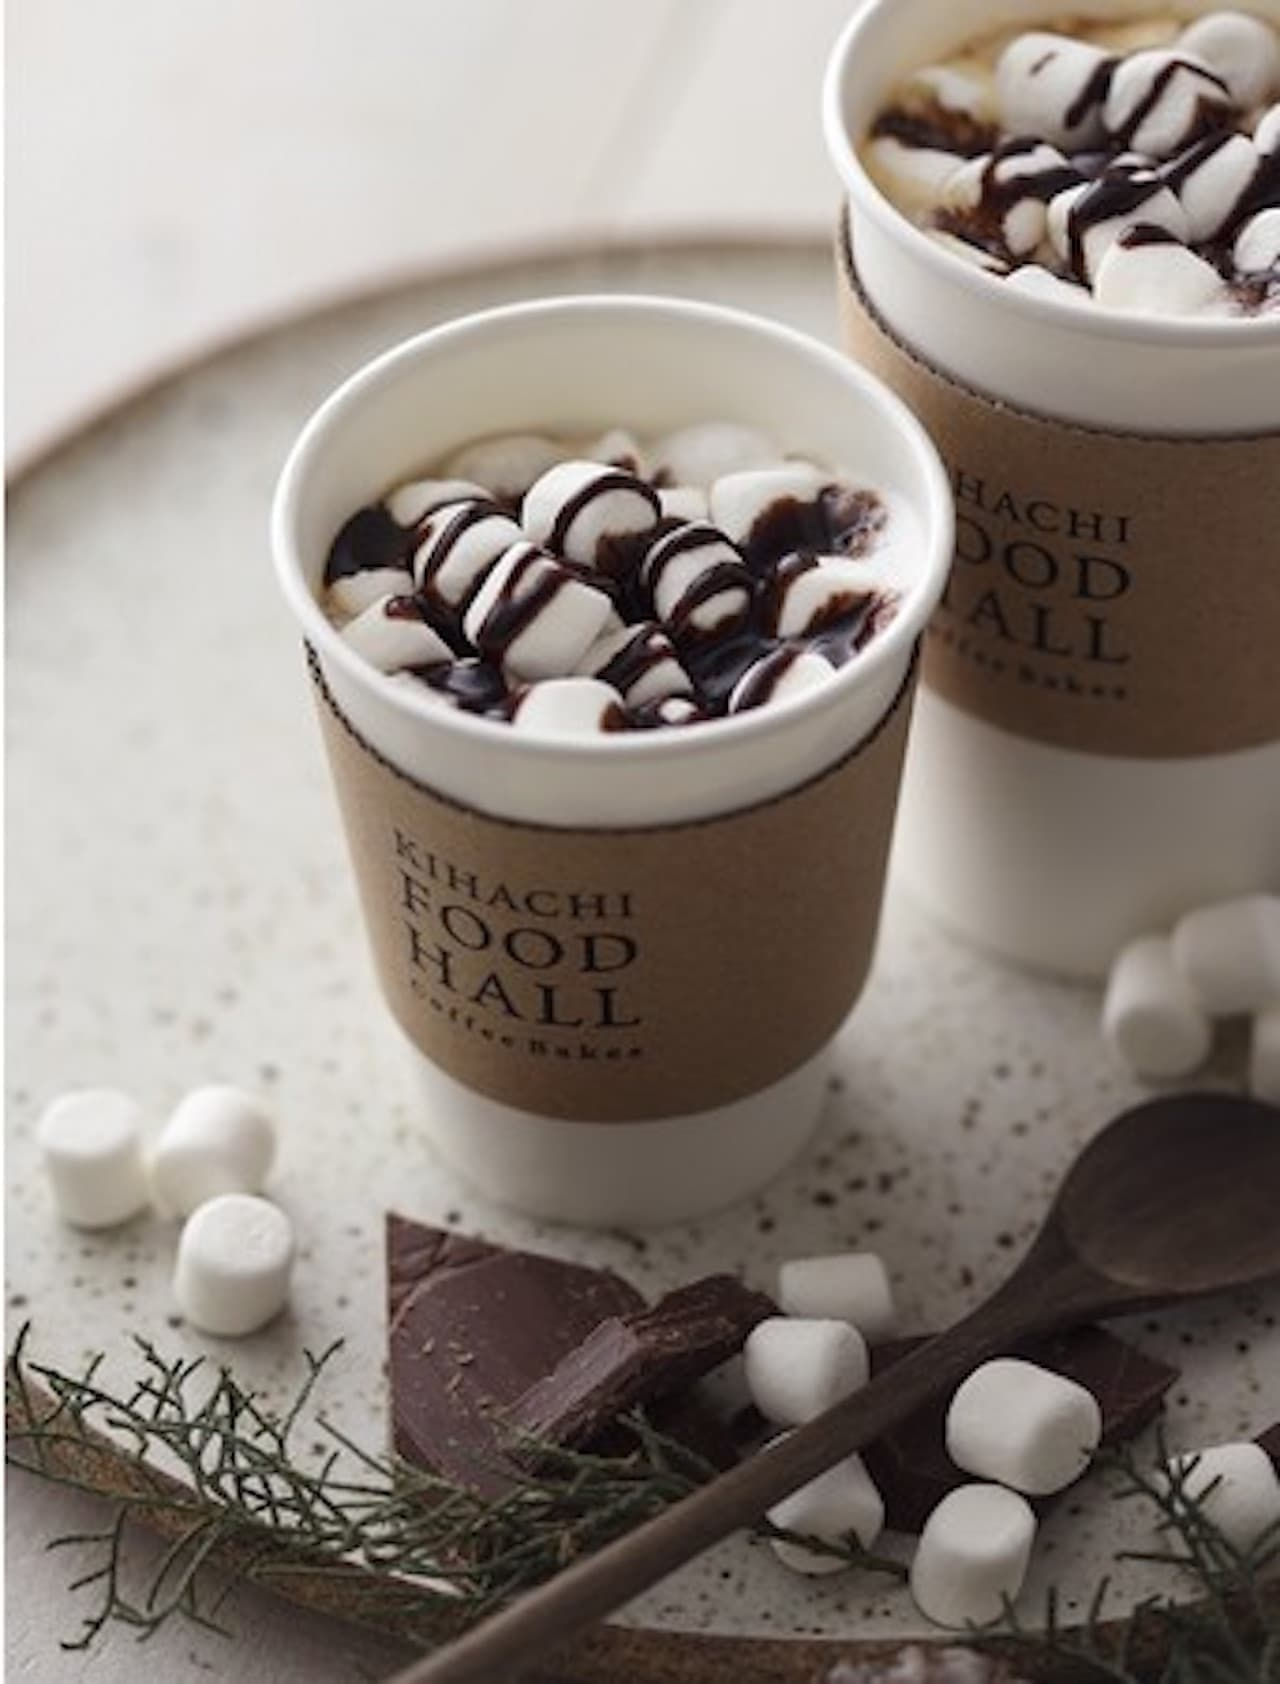 「チョコレート マシュマロ ラテ」キハチフードホール コーヒーベイクスから